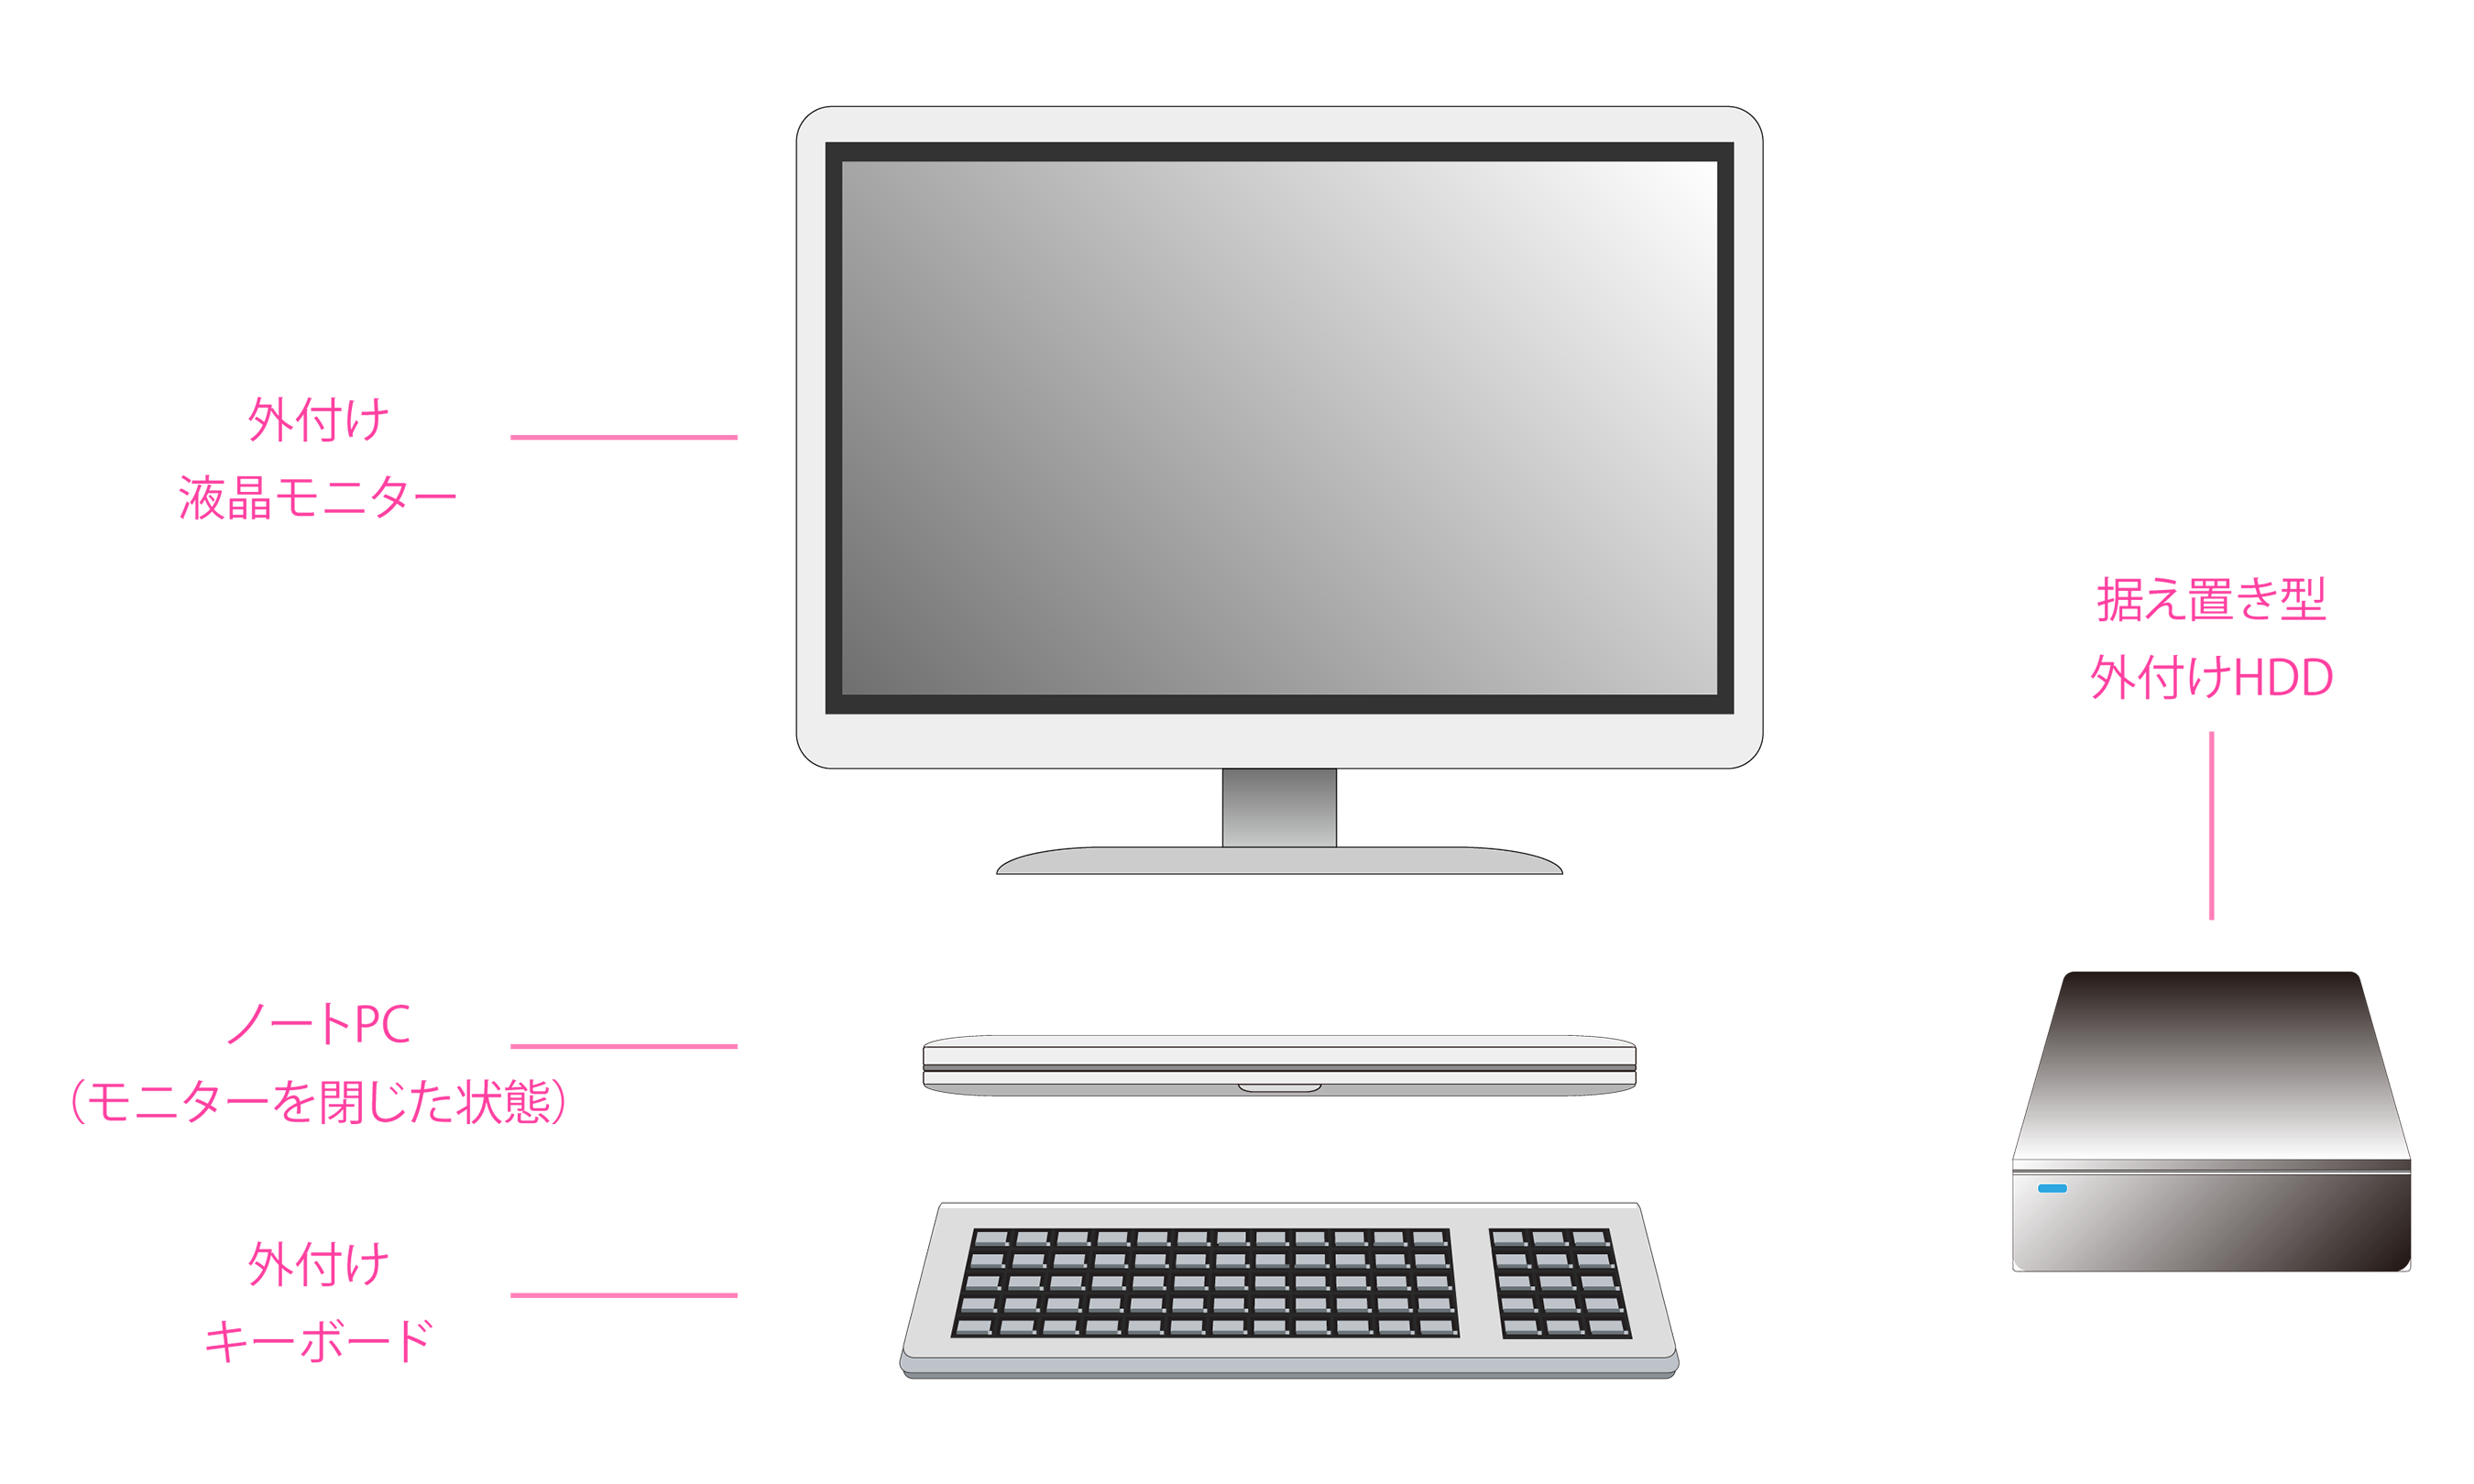 ノートPC及び外付けデバイス